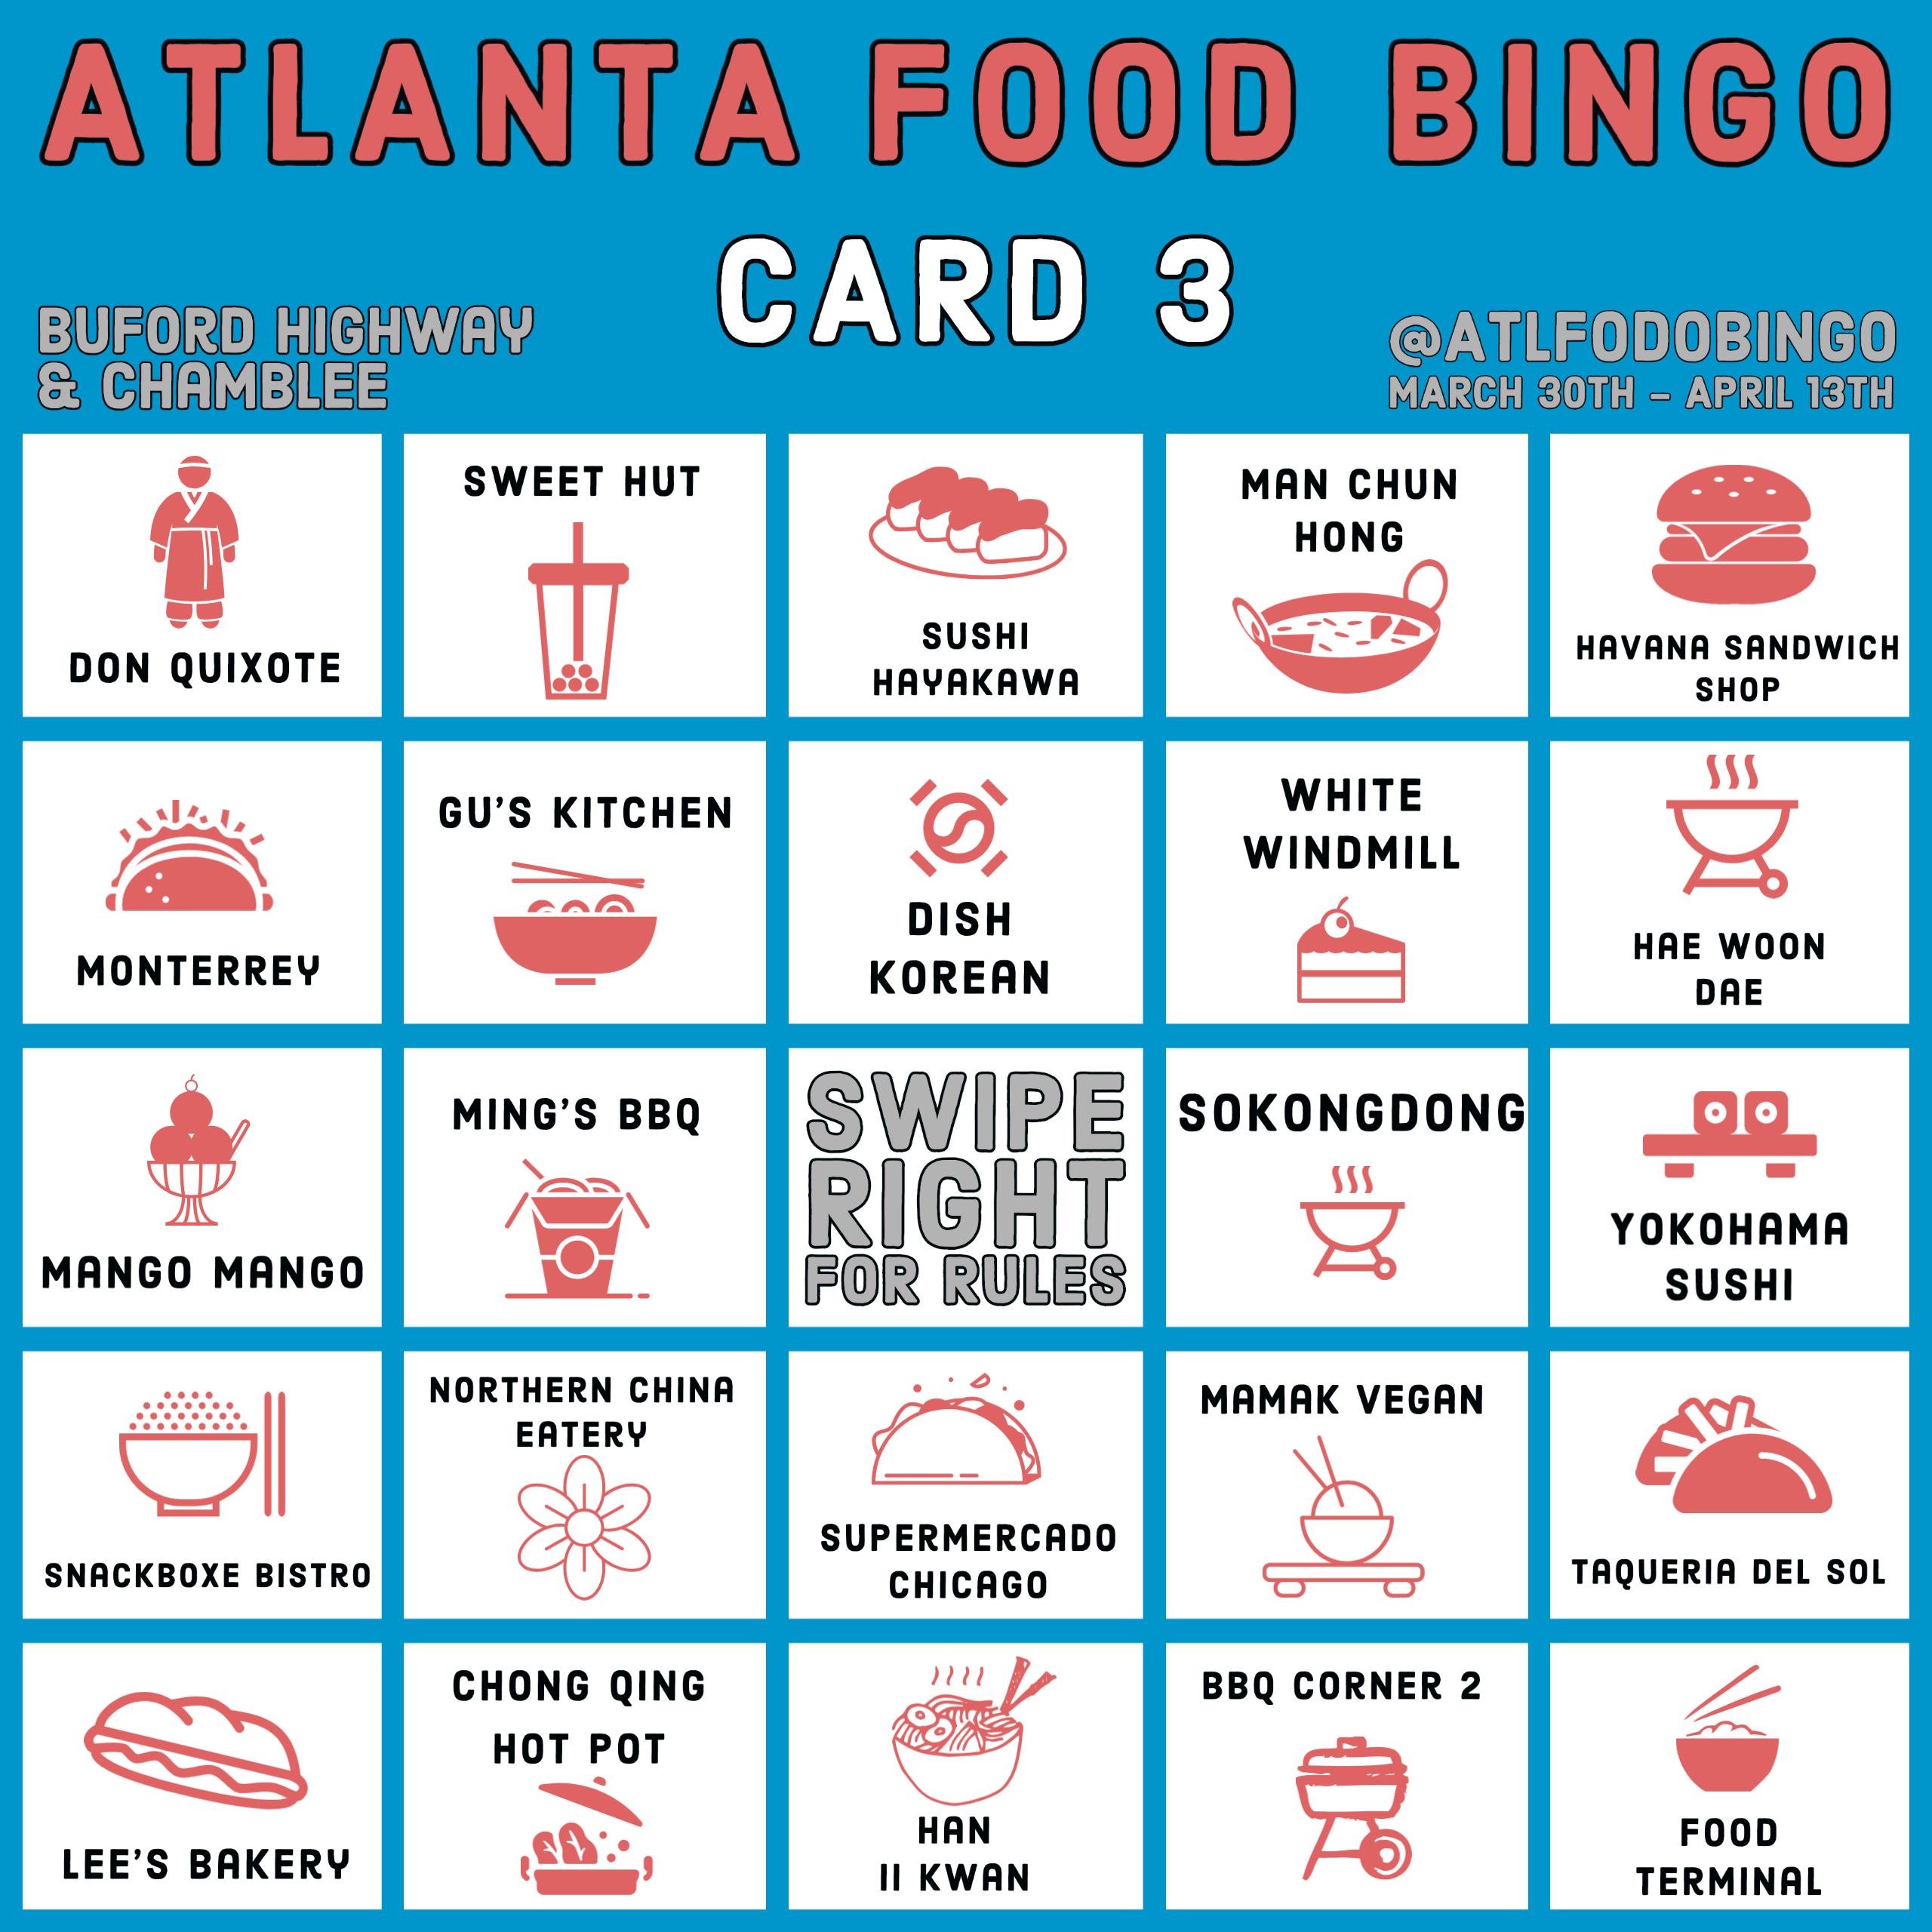 Buford Highway and Chamblee Atlanta food bingo card